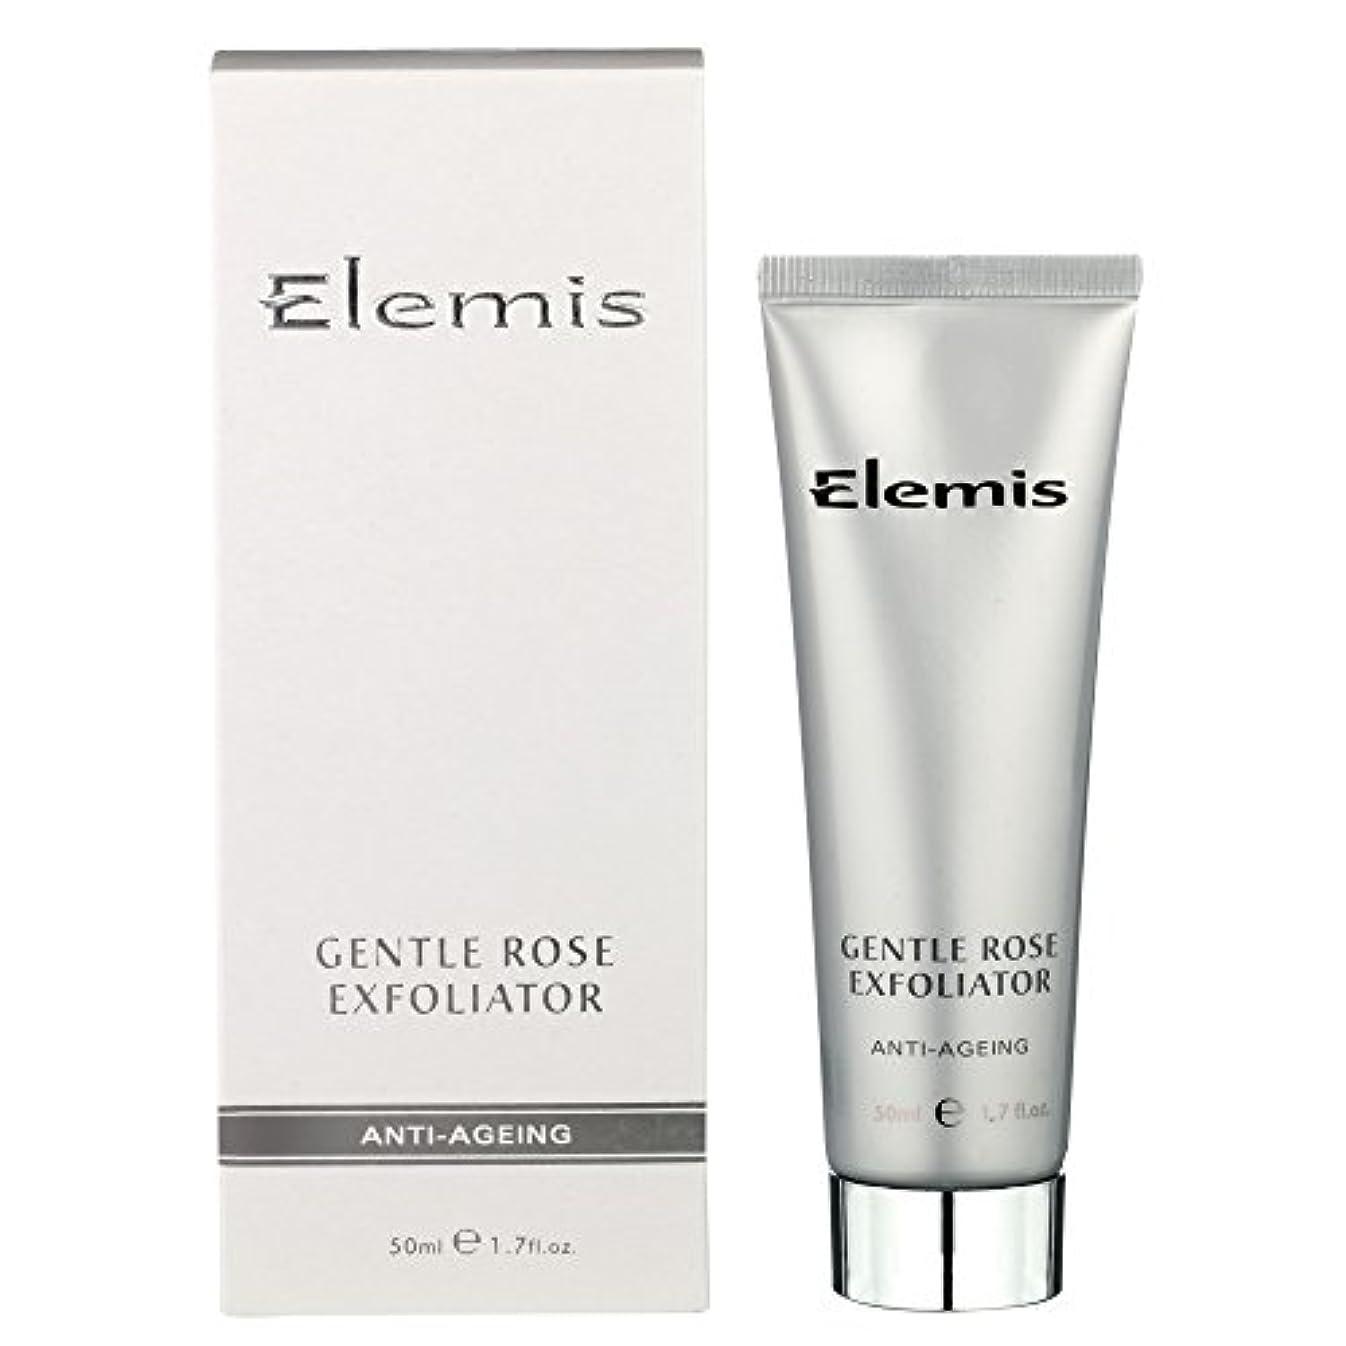 モデレータ書くタックルエレミスは穏やかなエクスフォリエーターをバラ (Elemis) (x2) - Elemis Gentle Rose Exfoliator (Pack of 2) [並行輸入品]